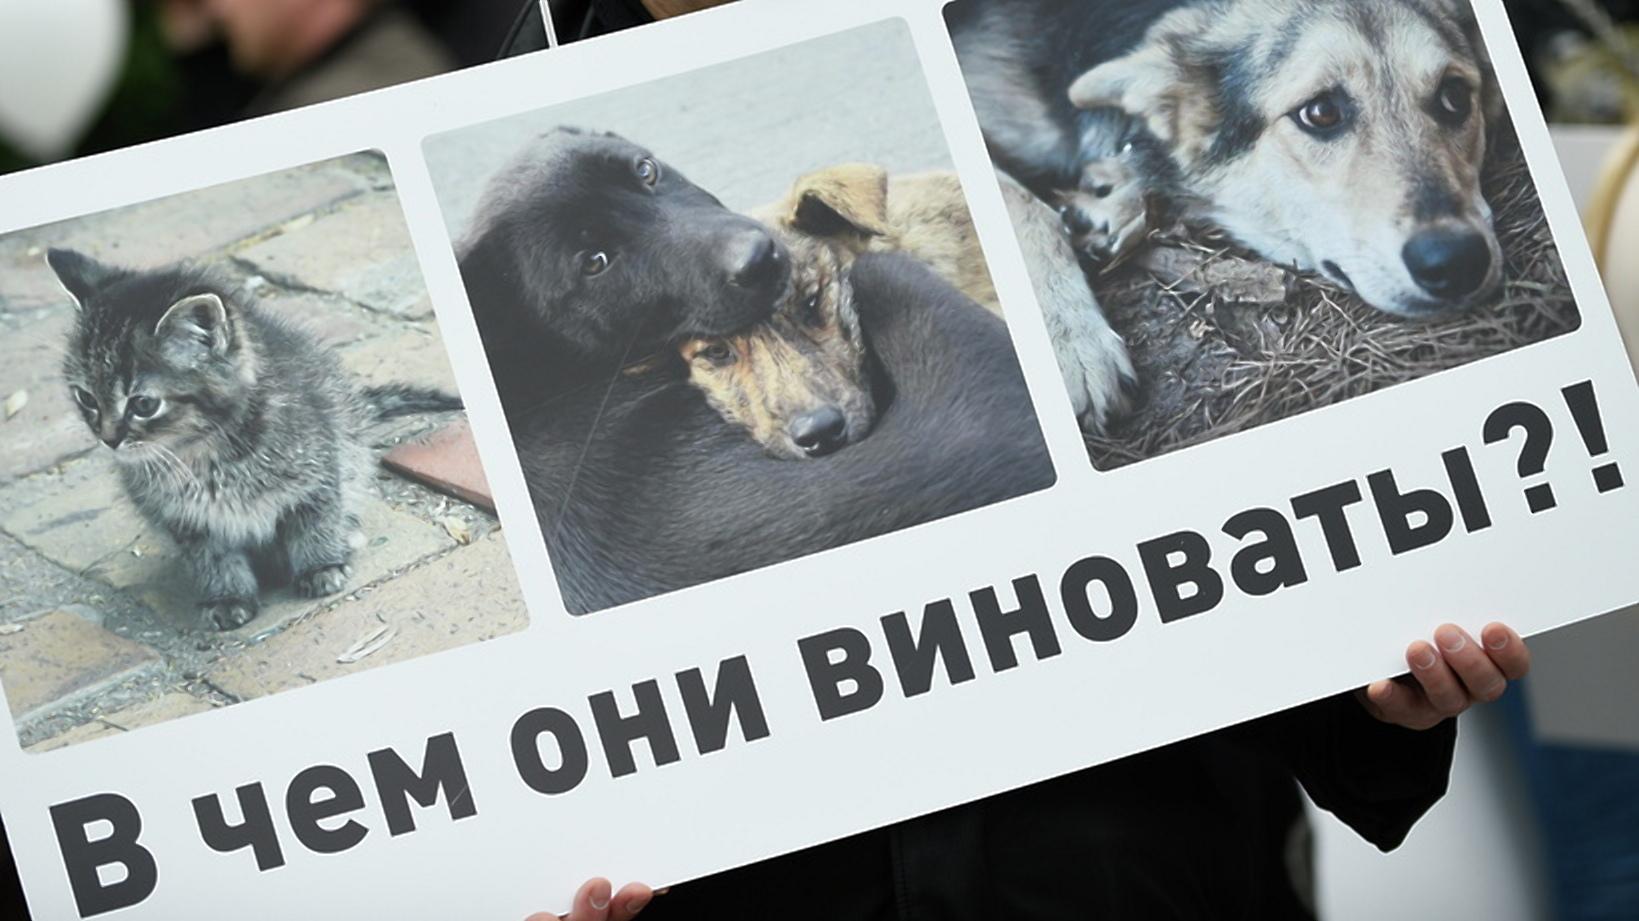 ВКонтакте против бездомных животных. В России массово блокируют сообщества зоозащитников